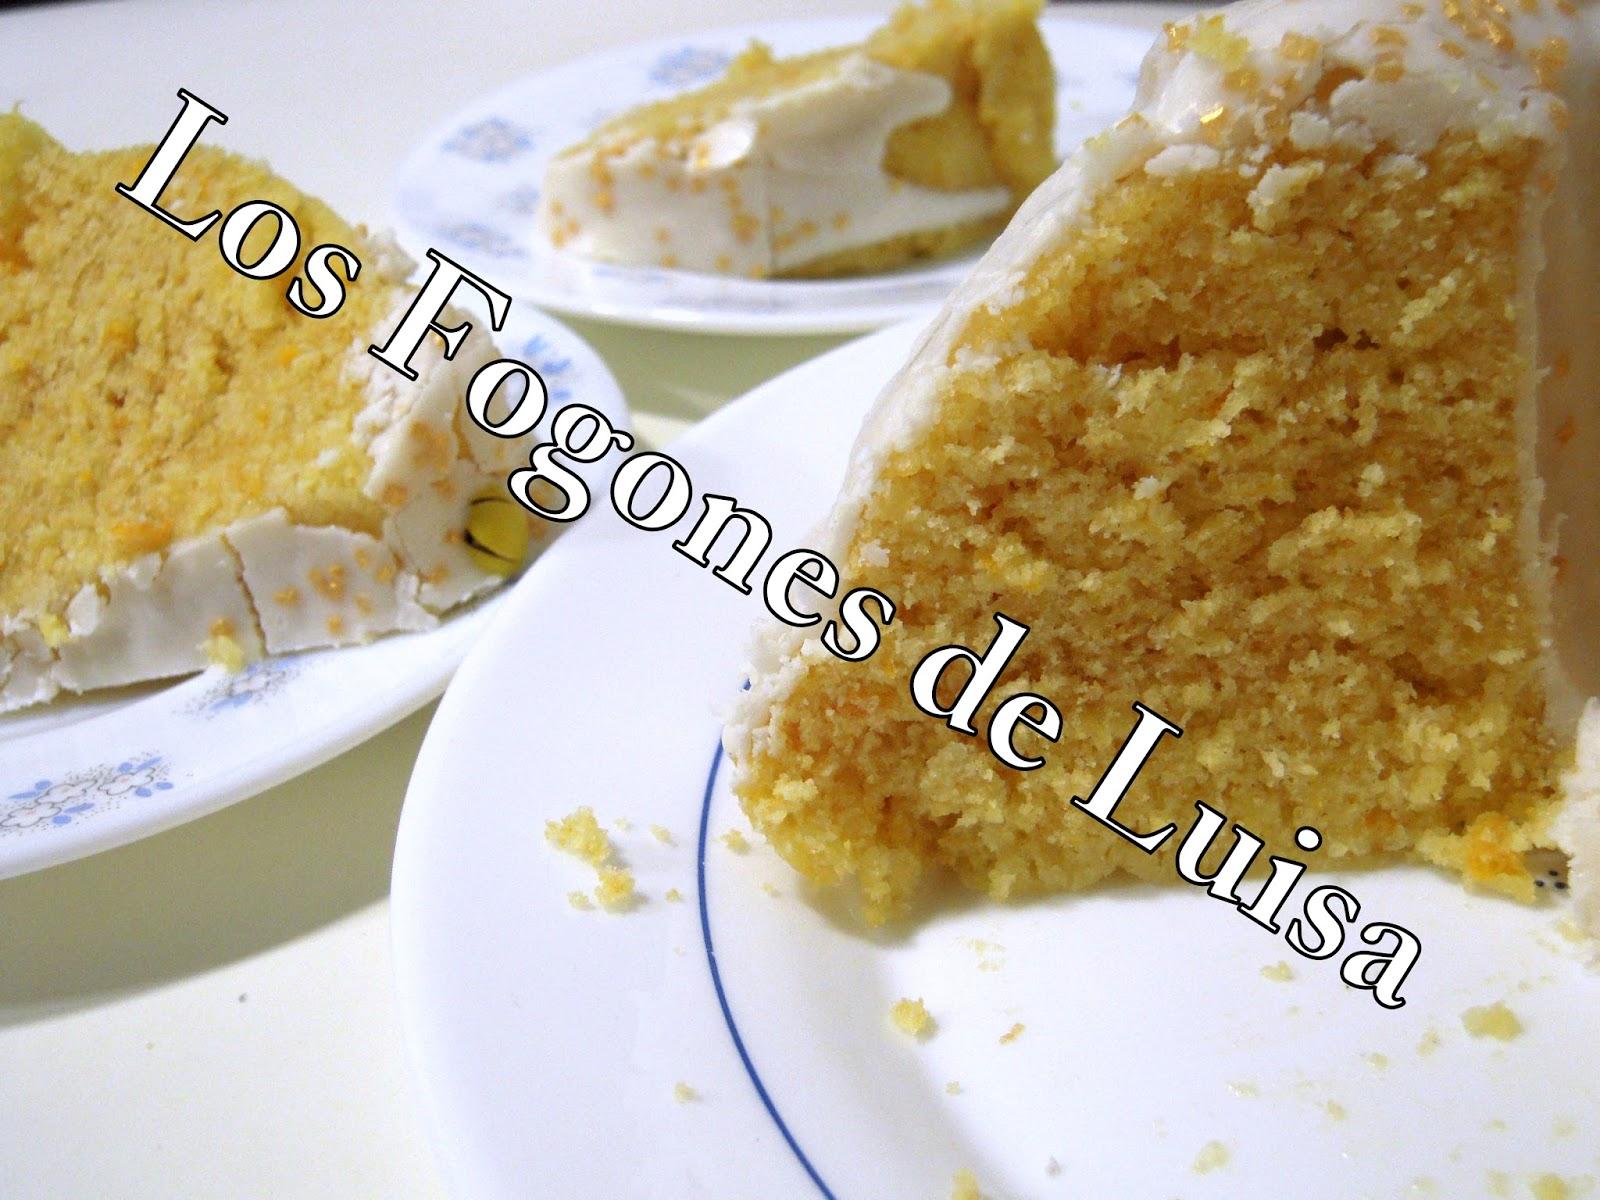 Los fogones de luisa bizcocho de naranja con glasa al - Bizcocho con microondas ...